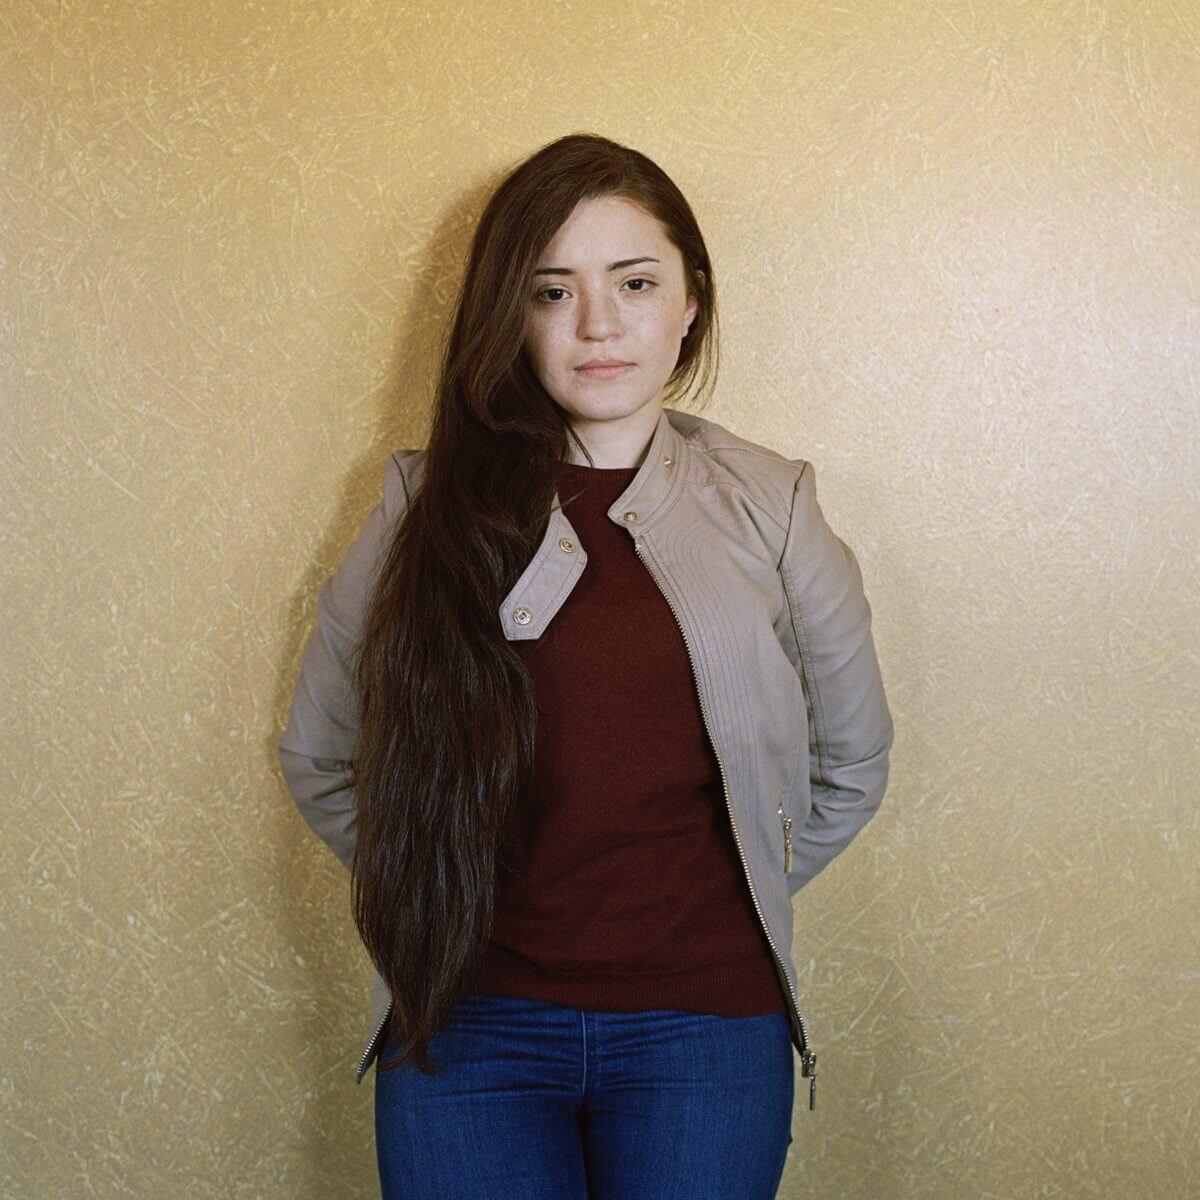 Fotografi från utställningen The End Will Be Good And Happy föreställande kvinna som lutar sig mot vägg.